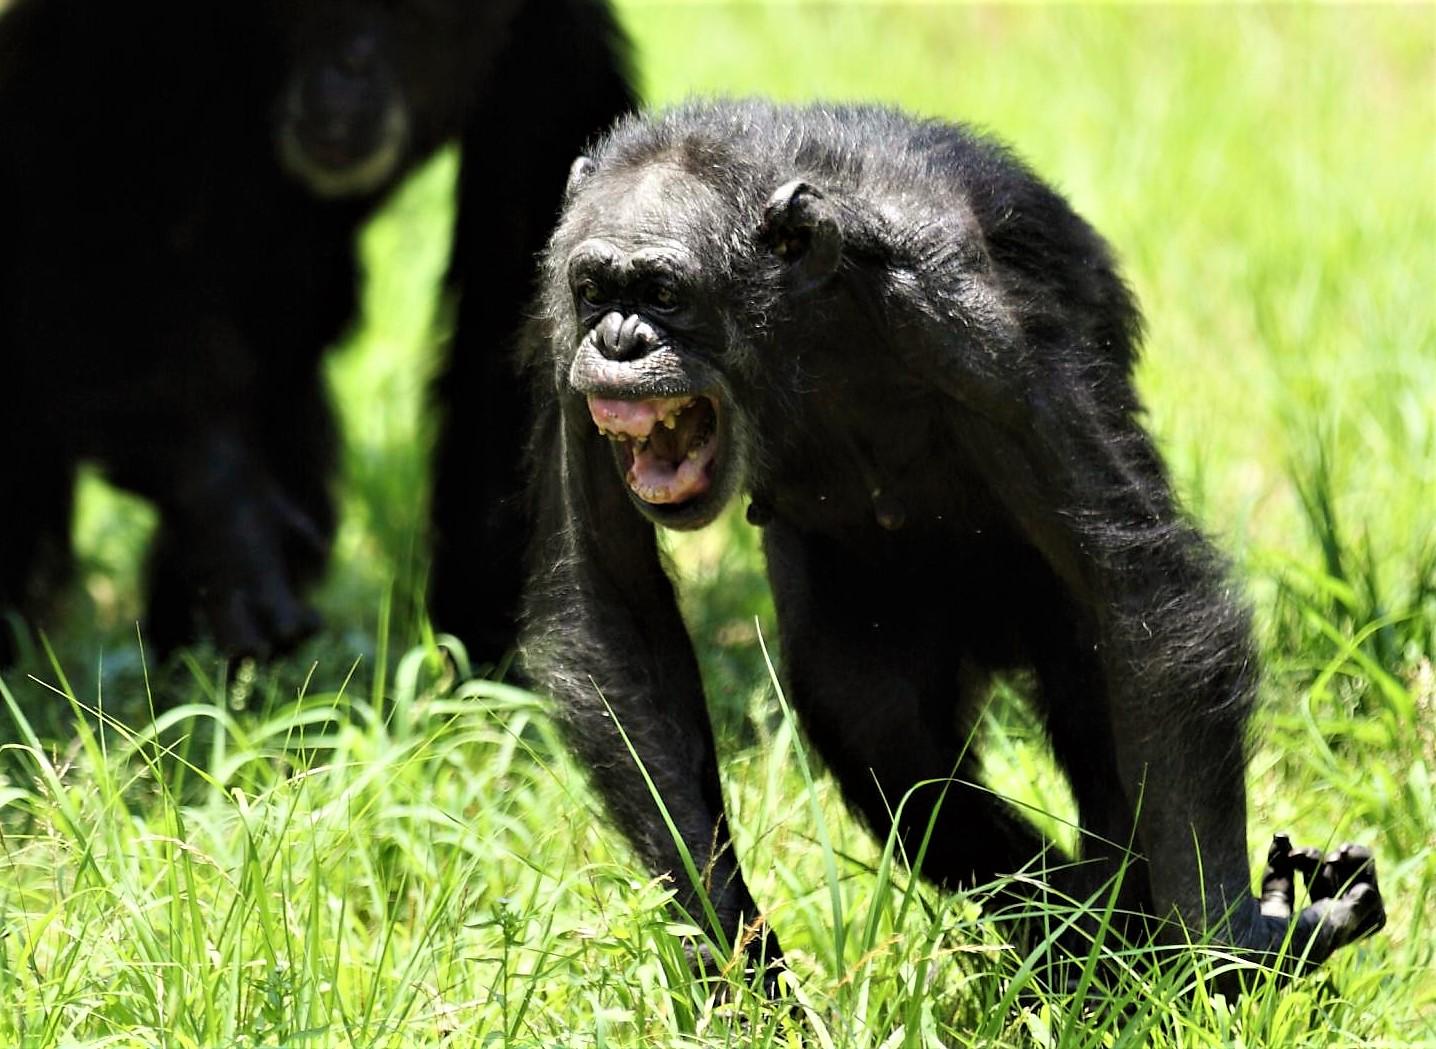 「チンパンジー 威嚇」の画像検索結果